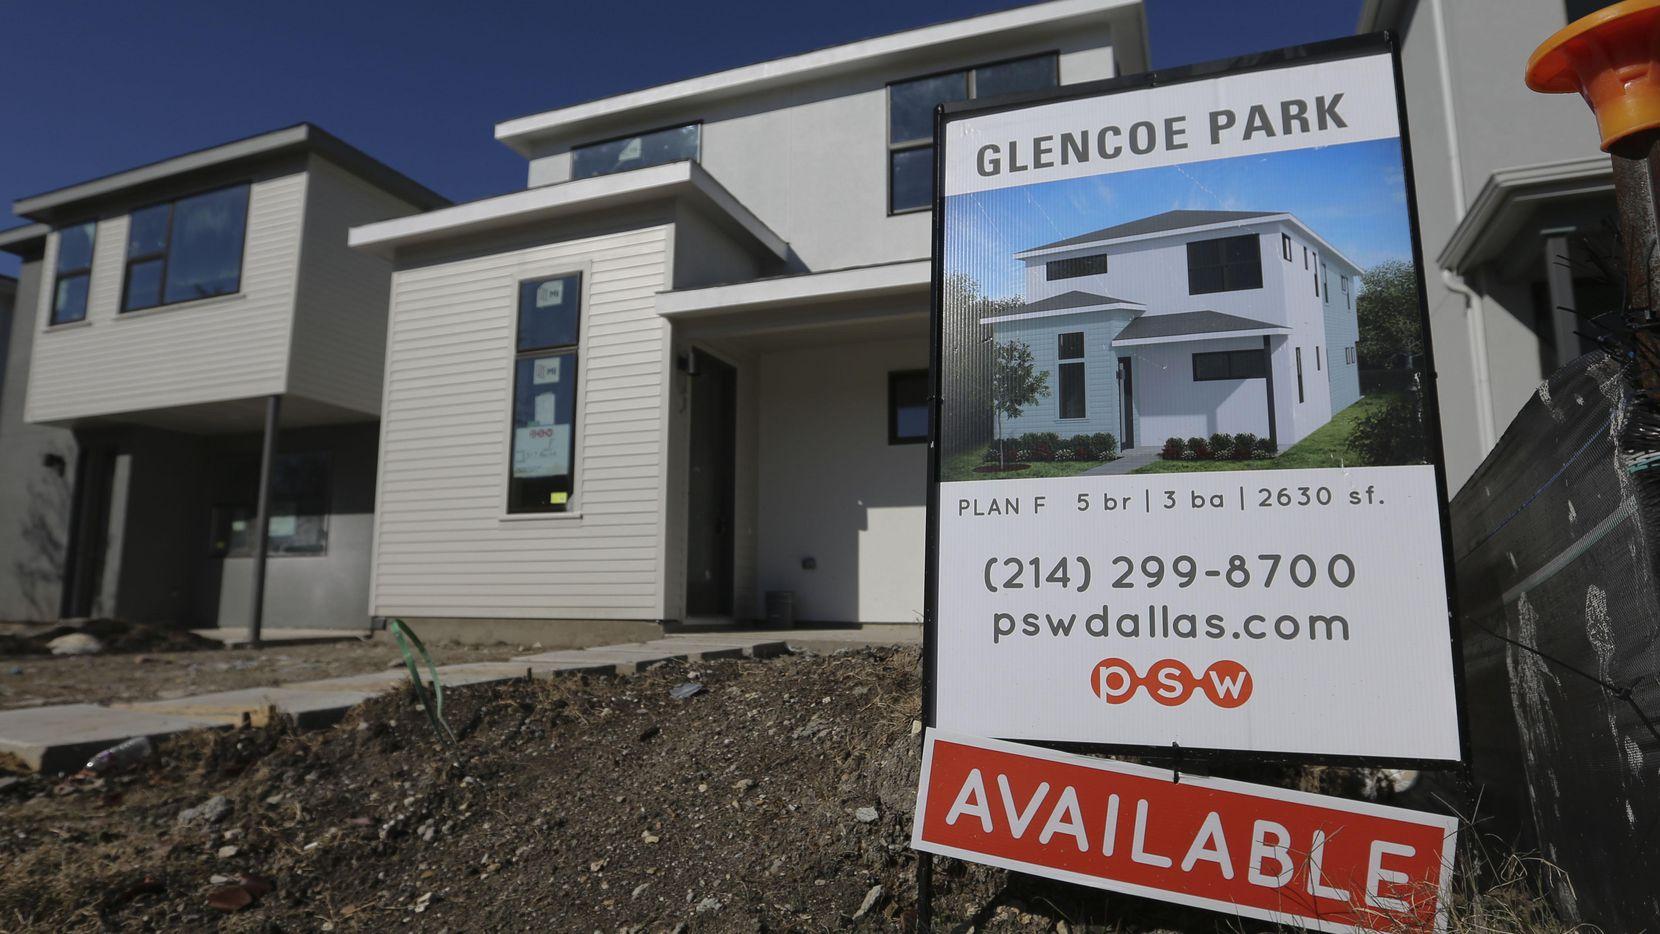 Algunos expertos afirman que el mercado de casas en Dallas está sobresaturado. (DMN/RON BASELICE)